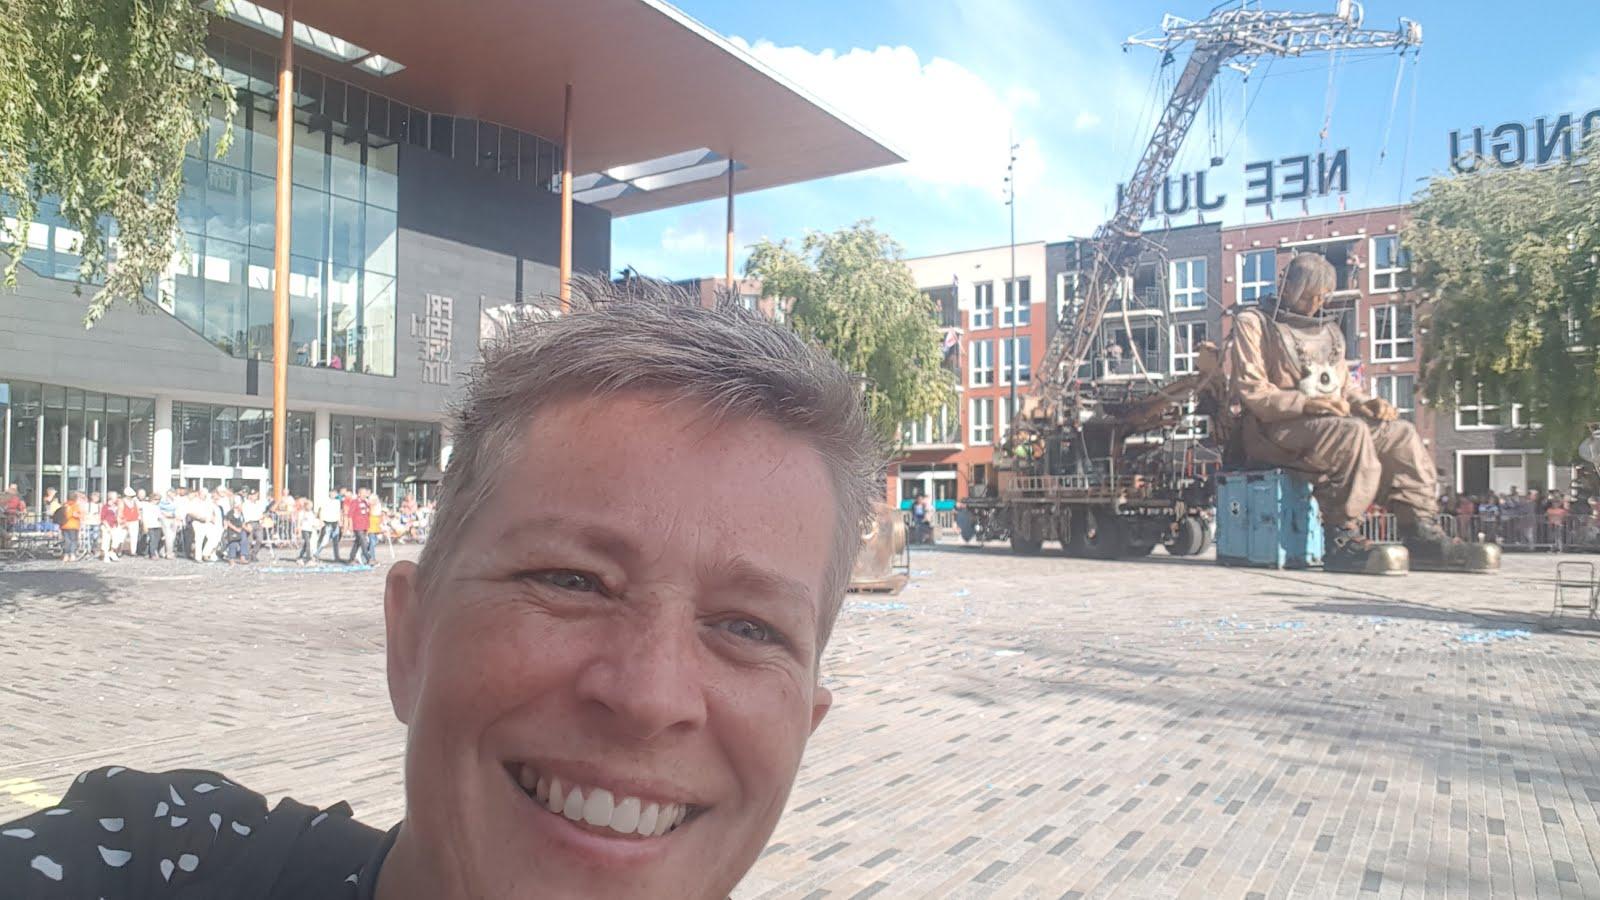 Corinne Oosterhoff